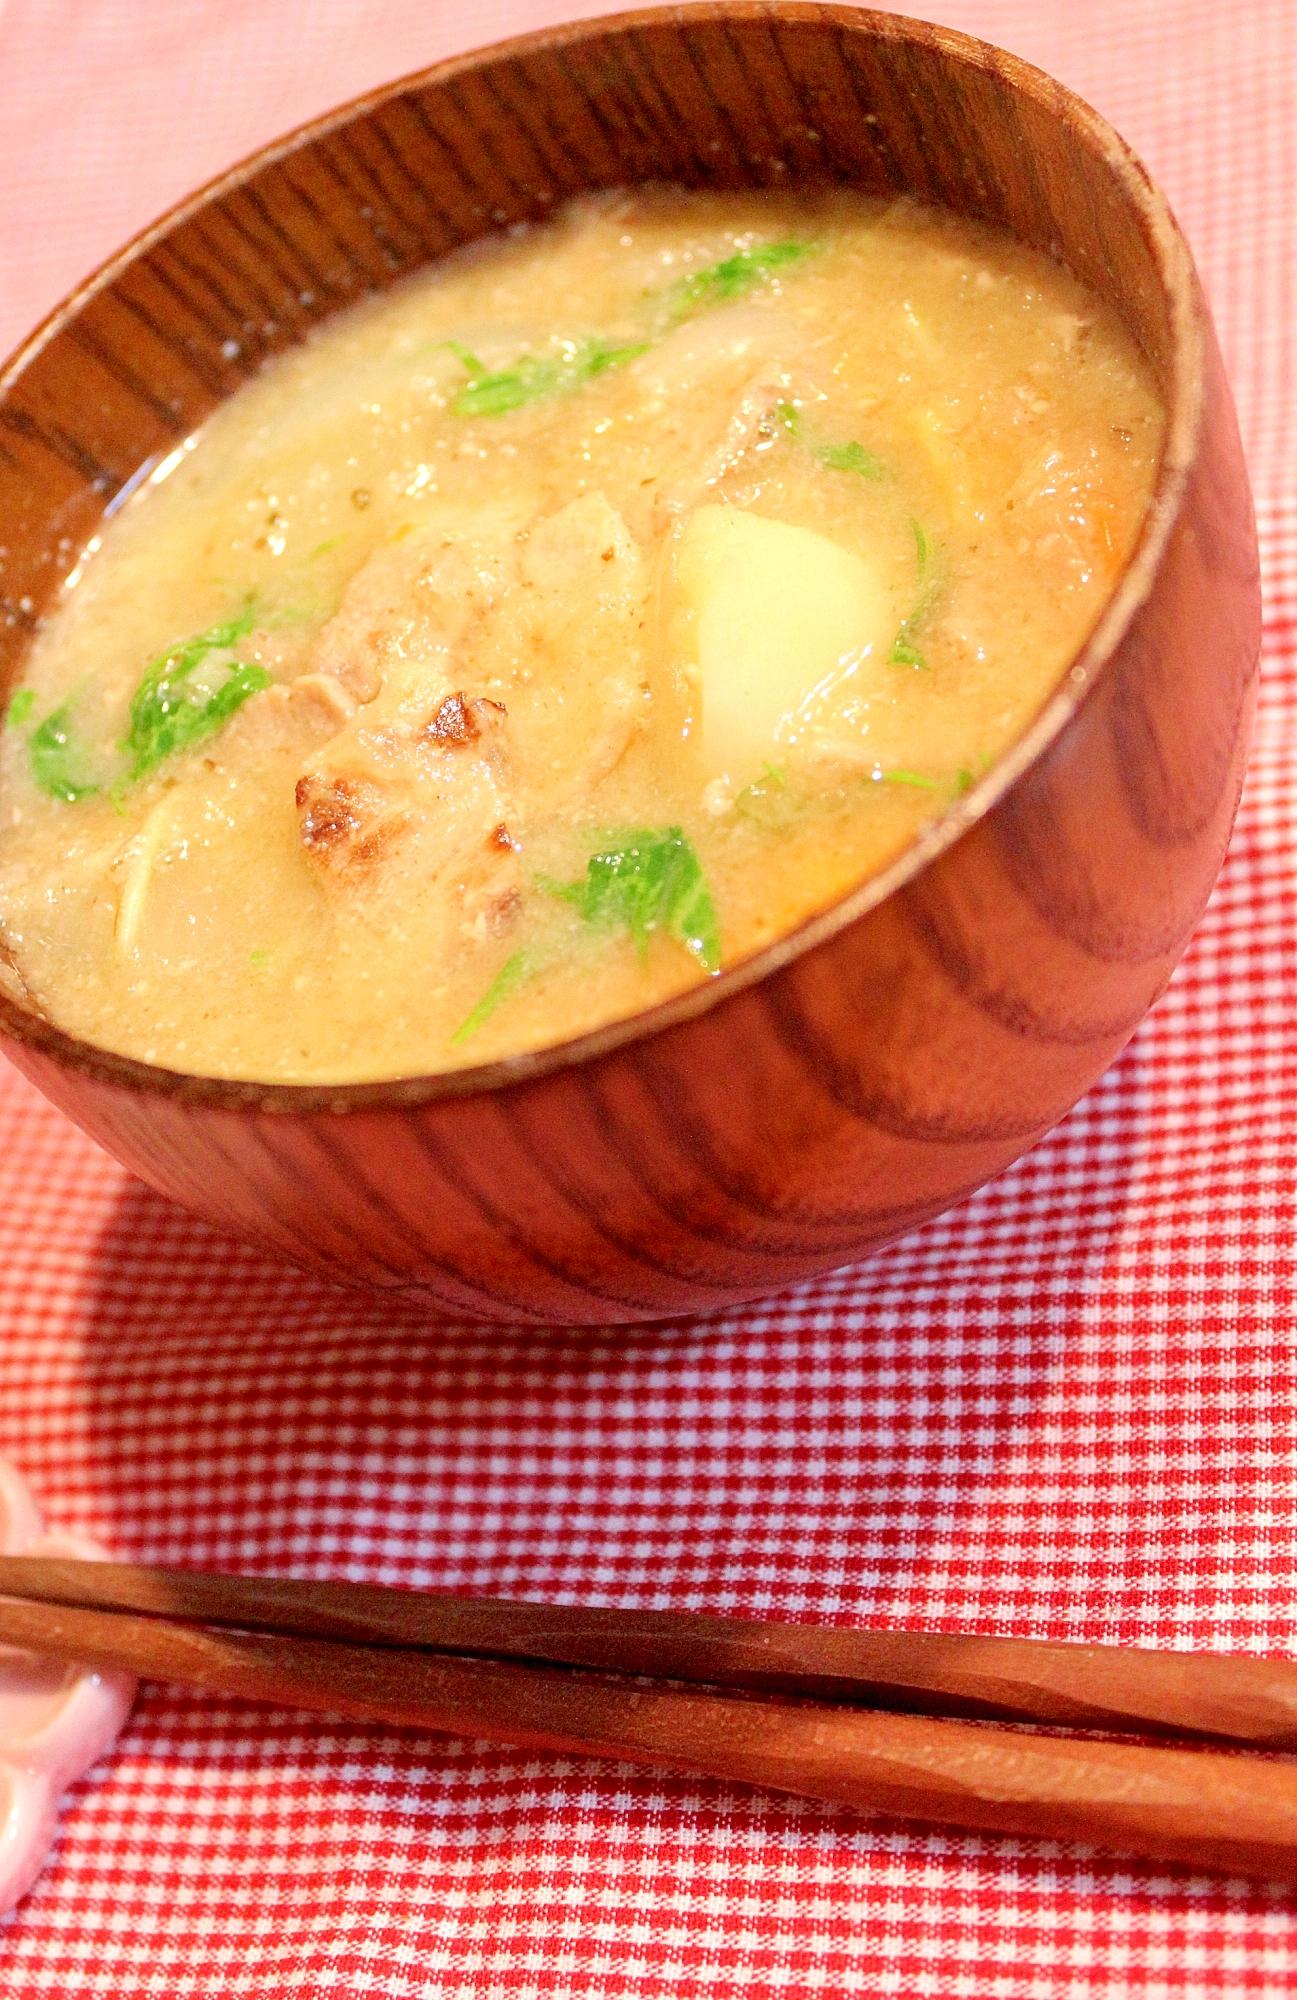 4.陳皮と大根おろしの薬膳味噌汁